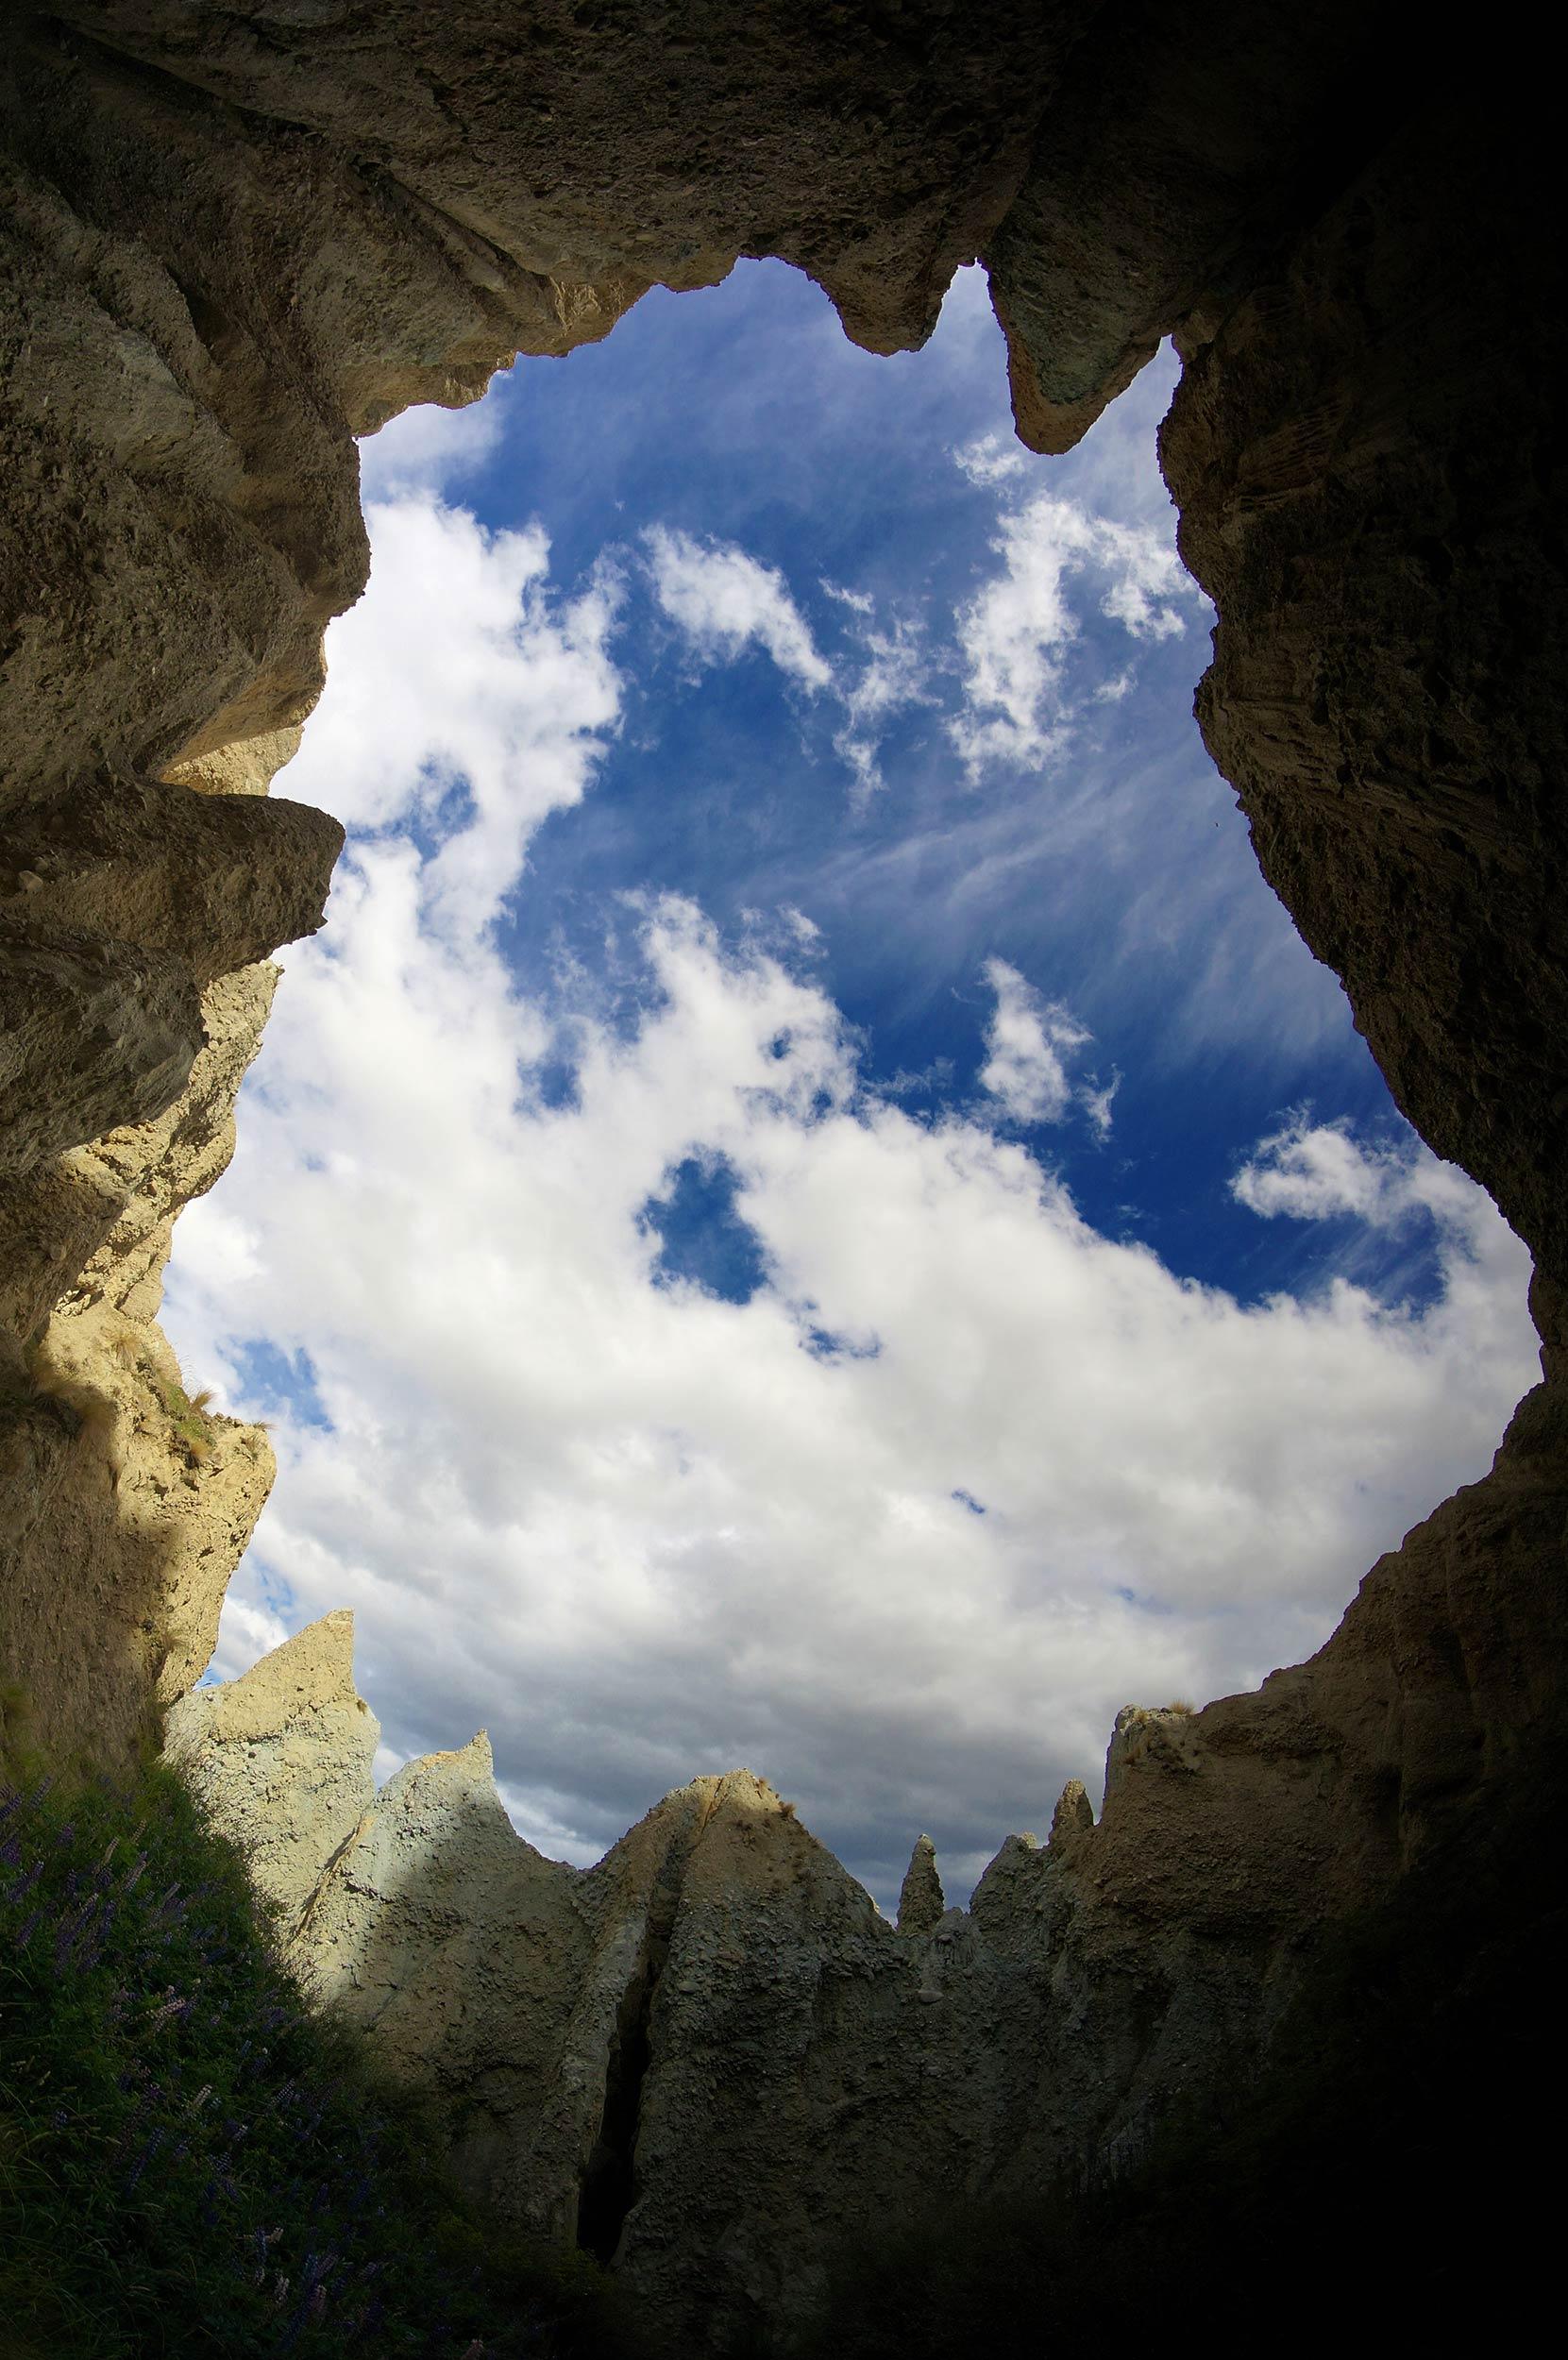 omarama_clay_cliffs_sky_above_pinacles.jpg